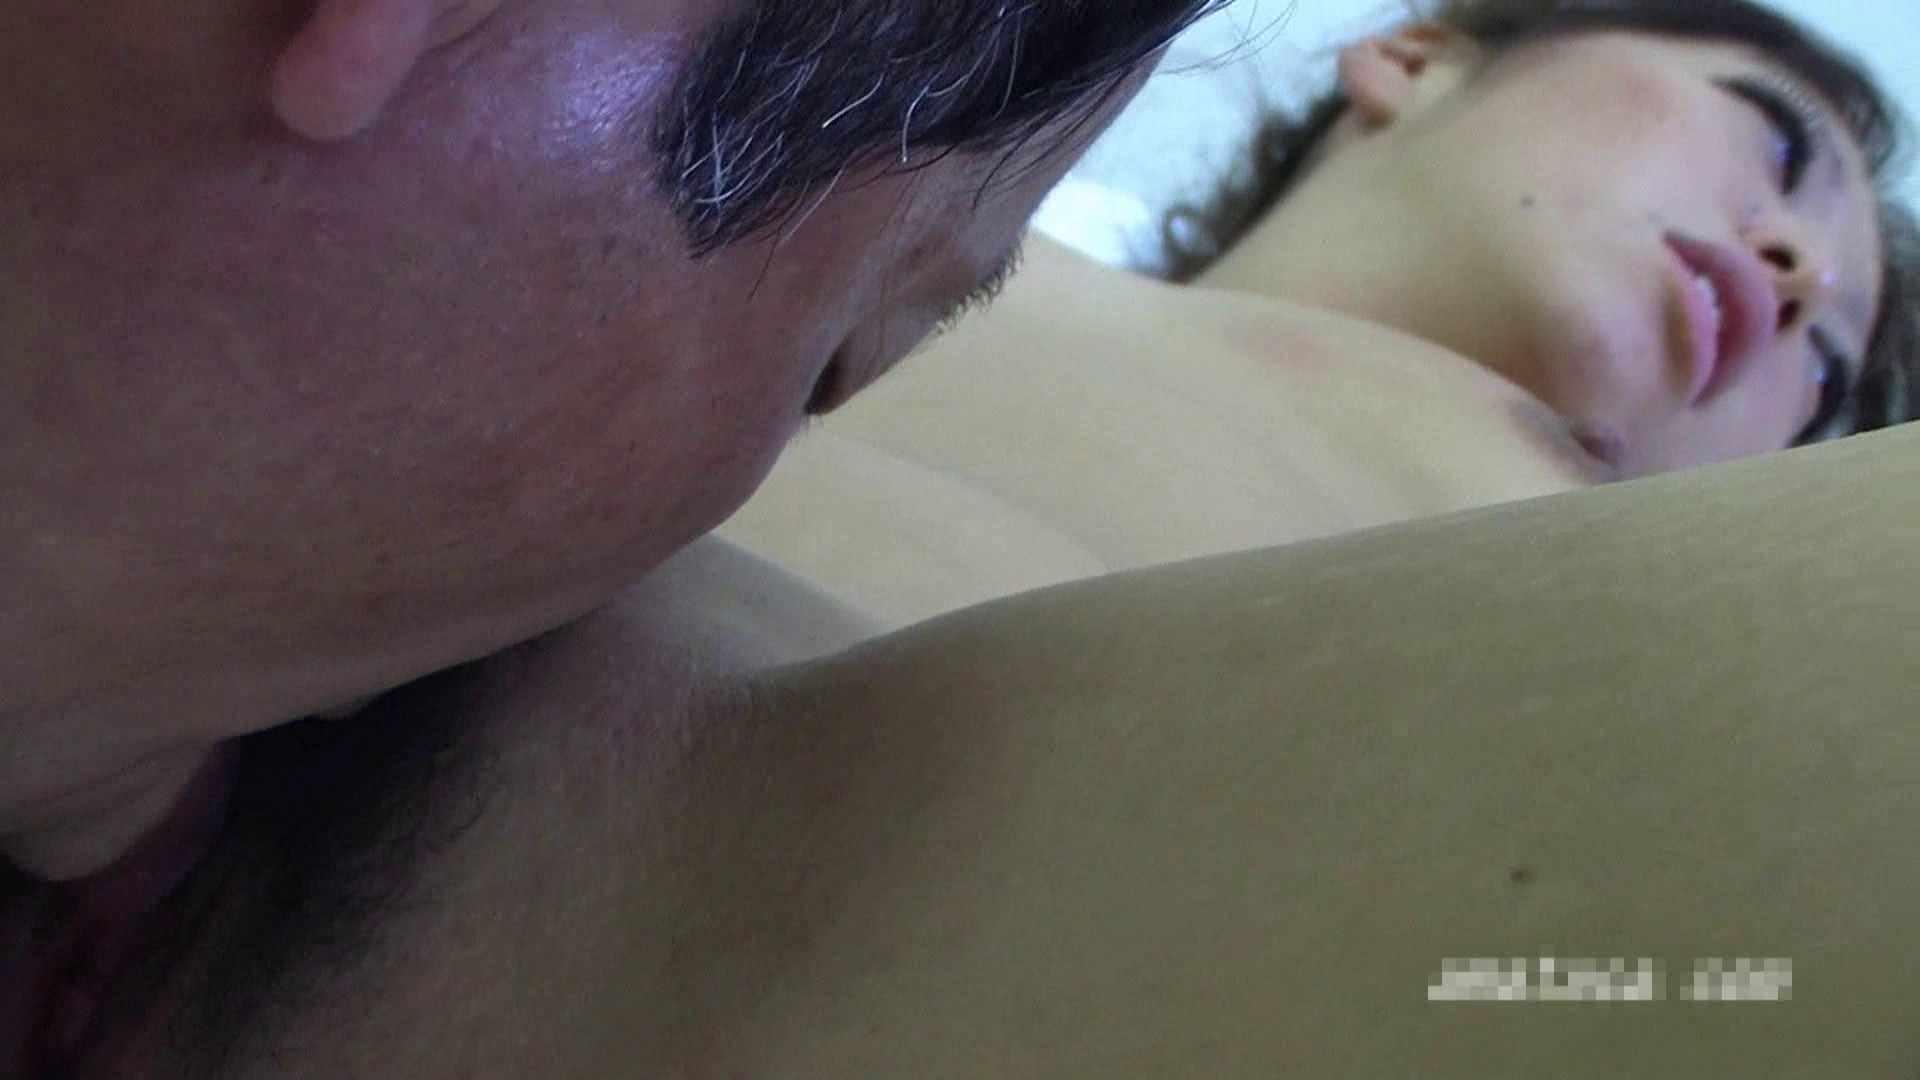 デリへル嬢のみかちゃん23歳vol.4 OL裸体   ギャルの乳首  110画像 23